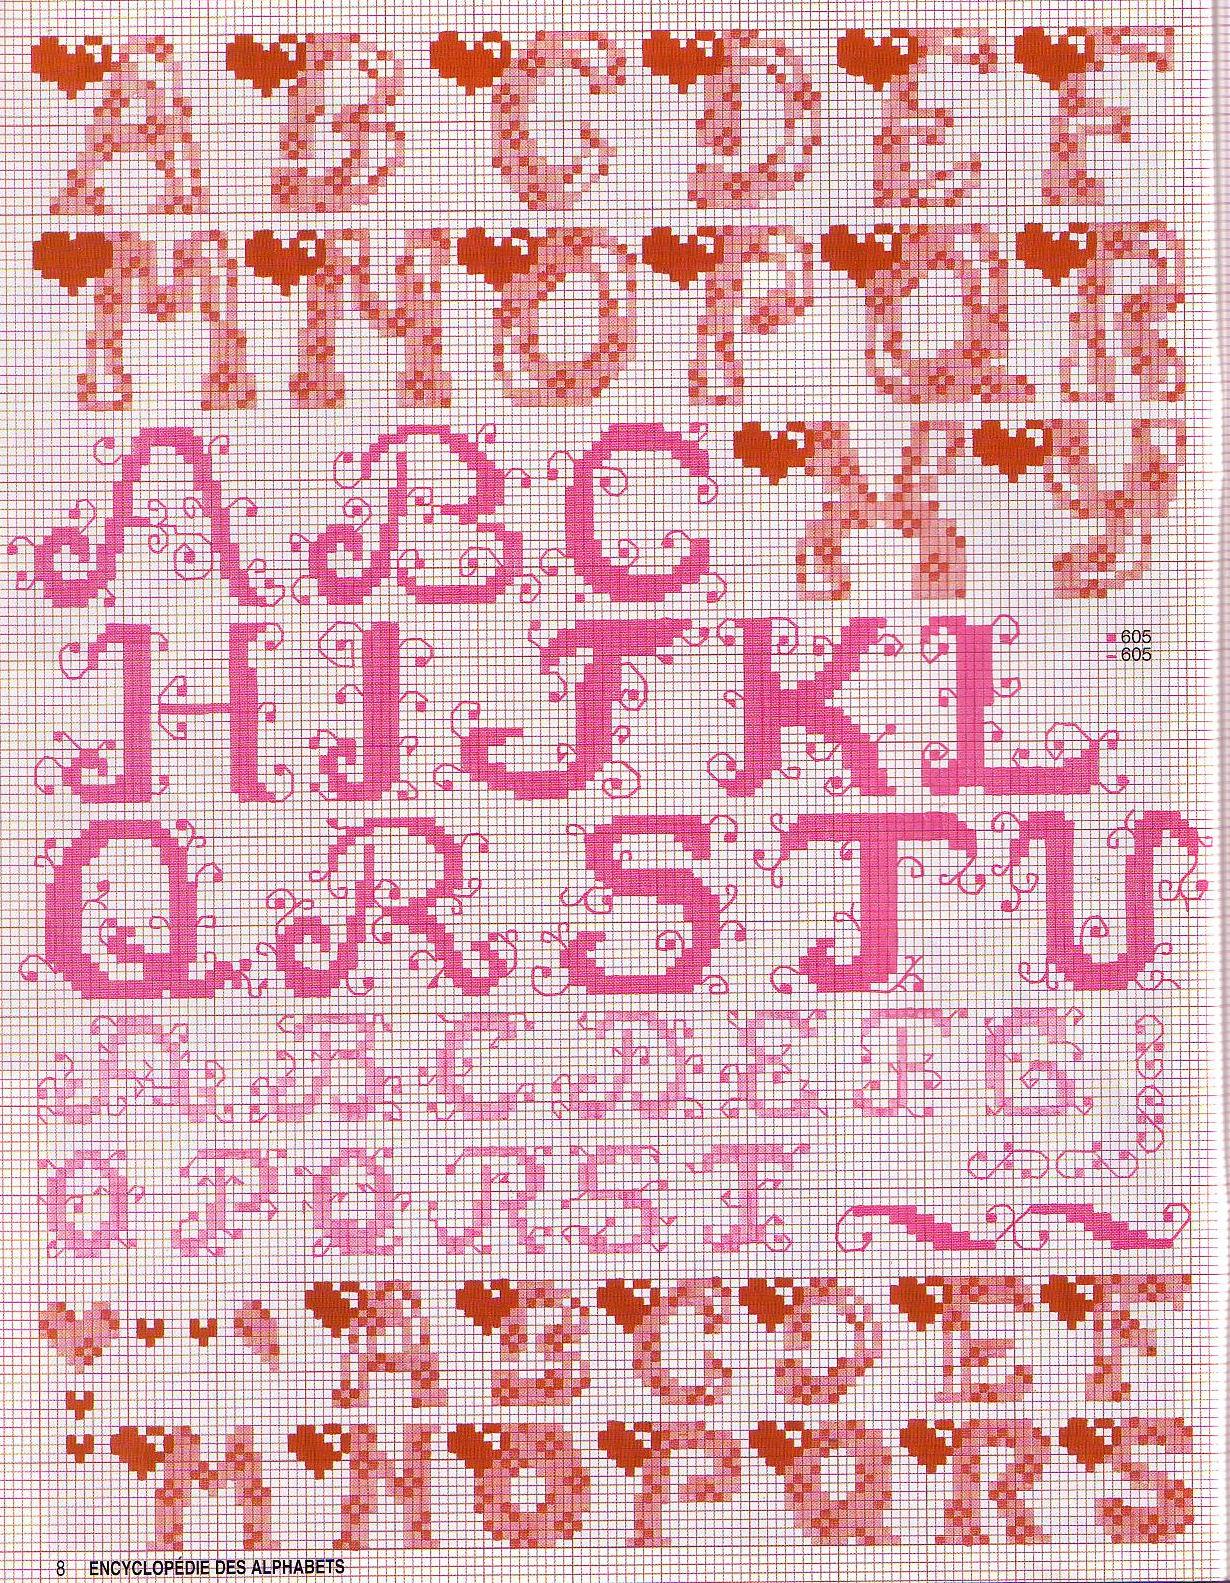 Алфавит русский при вышивки крестиком